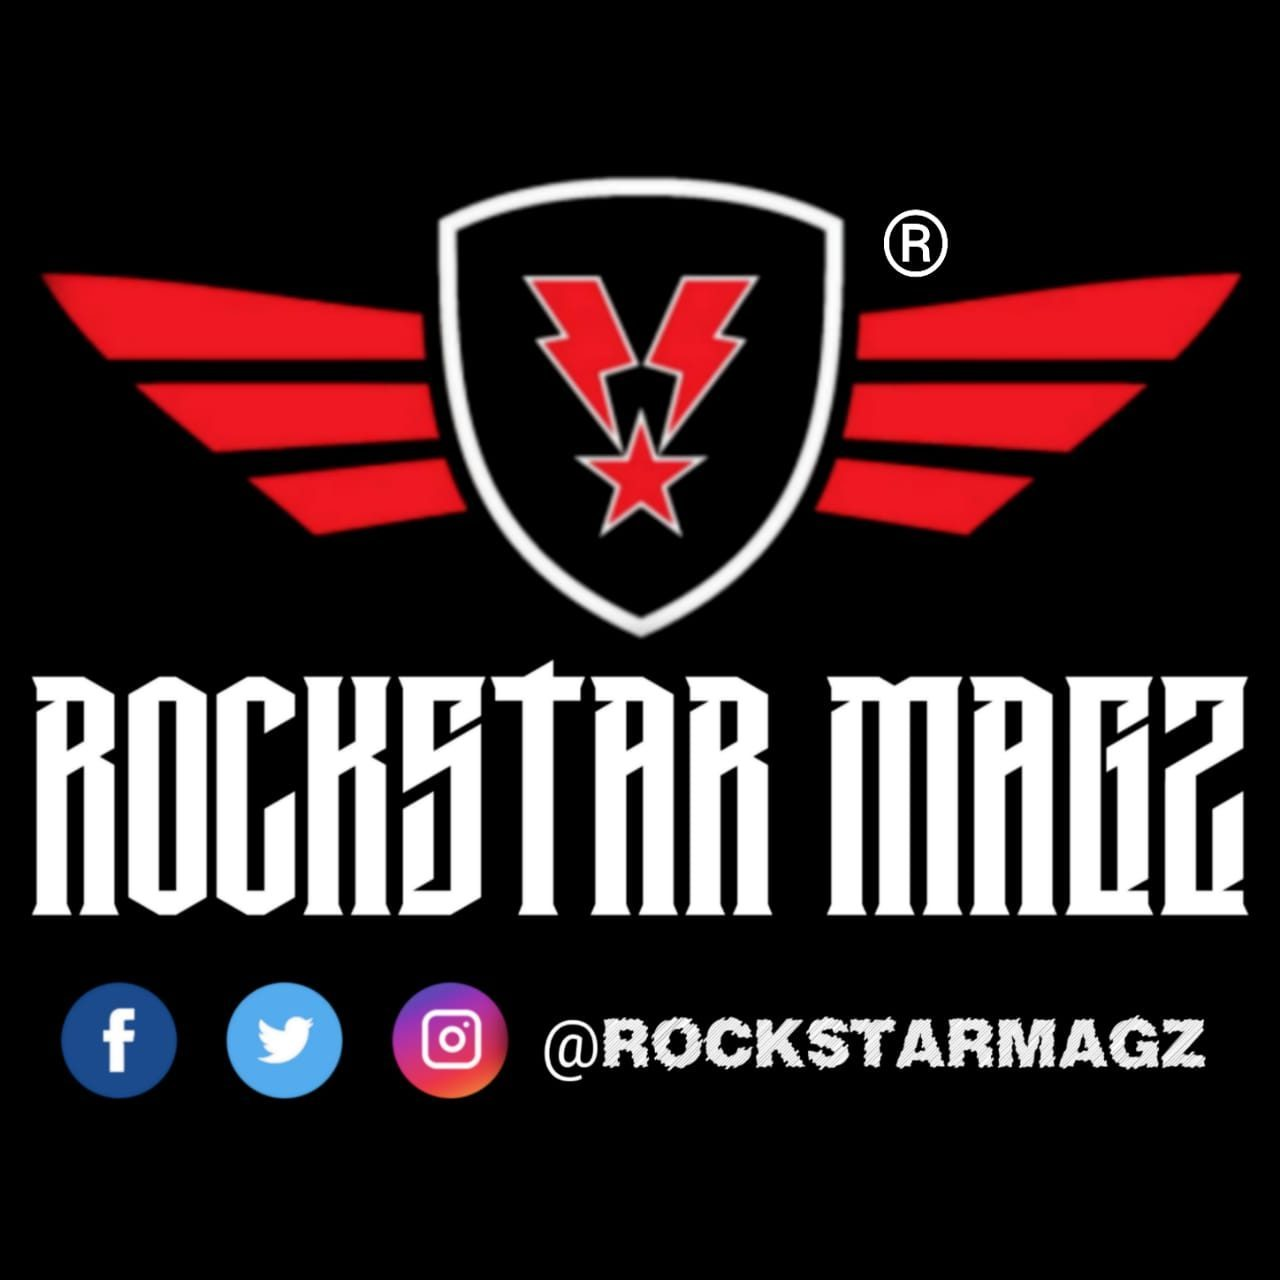 www.RockstarMagz.com